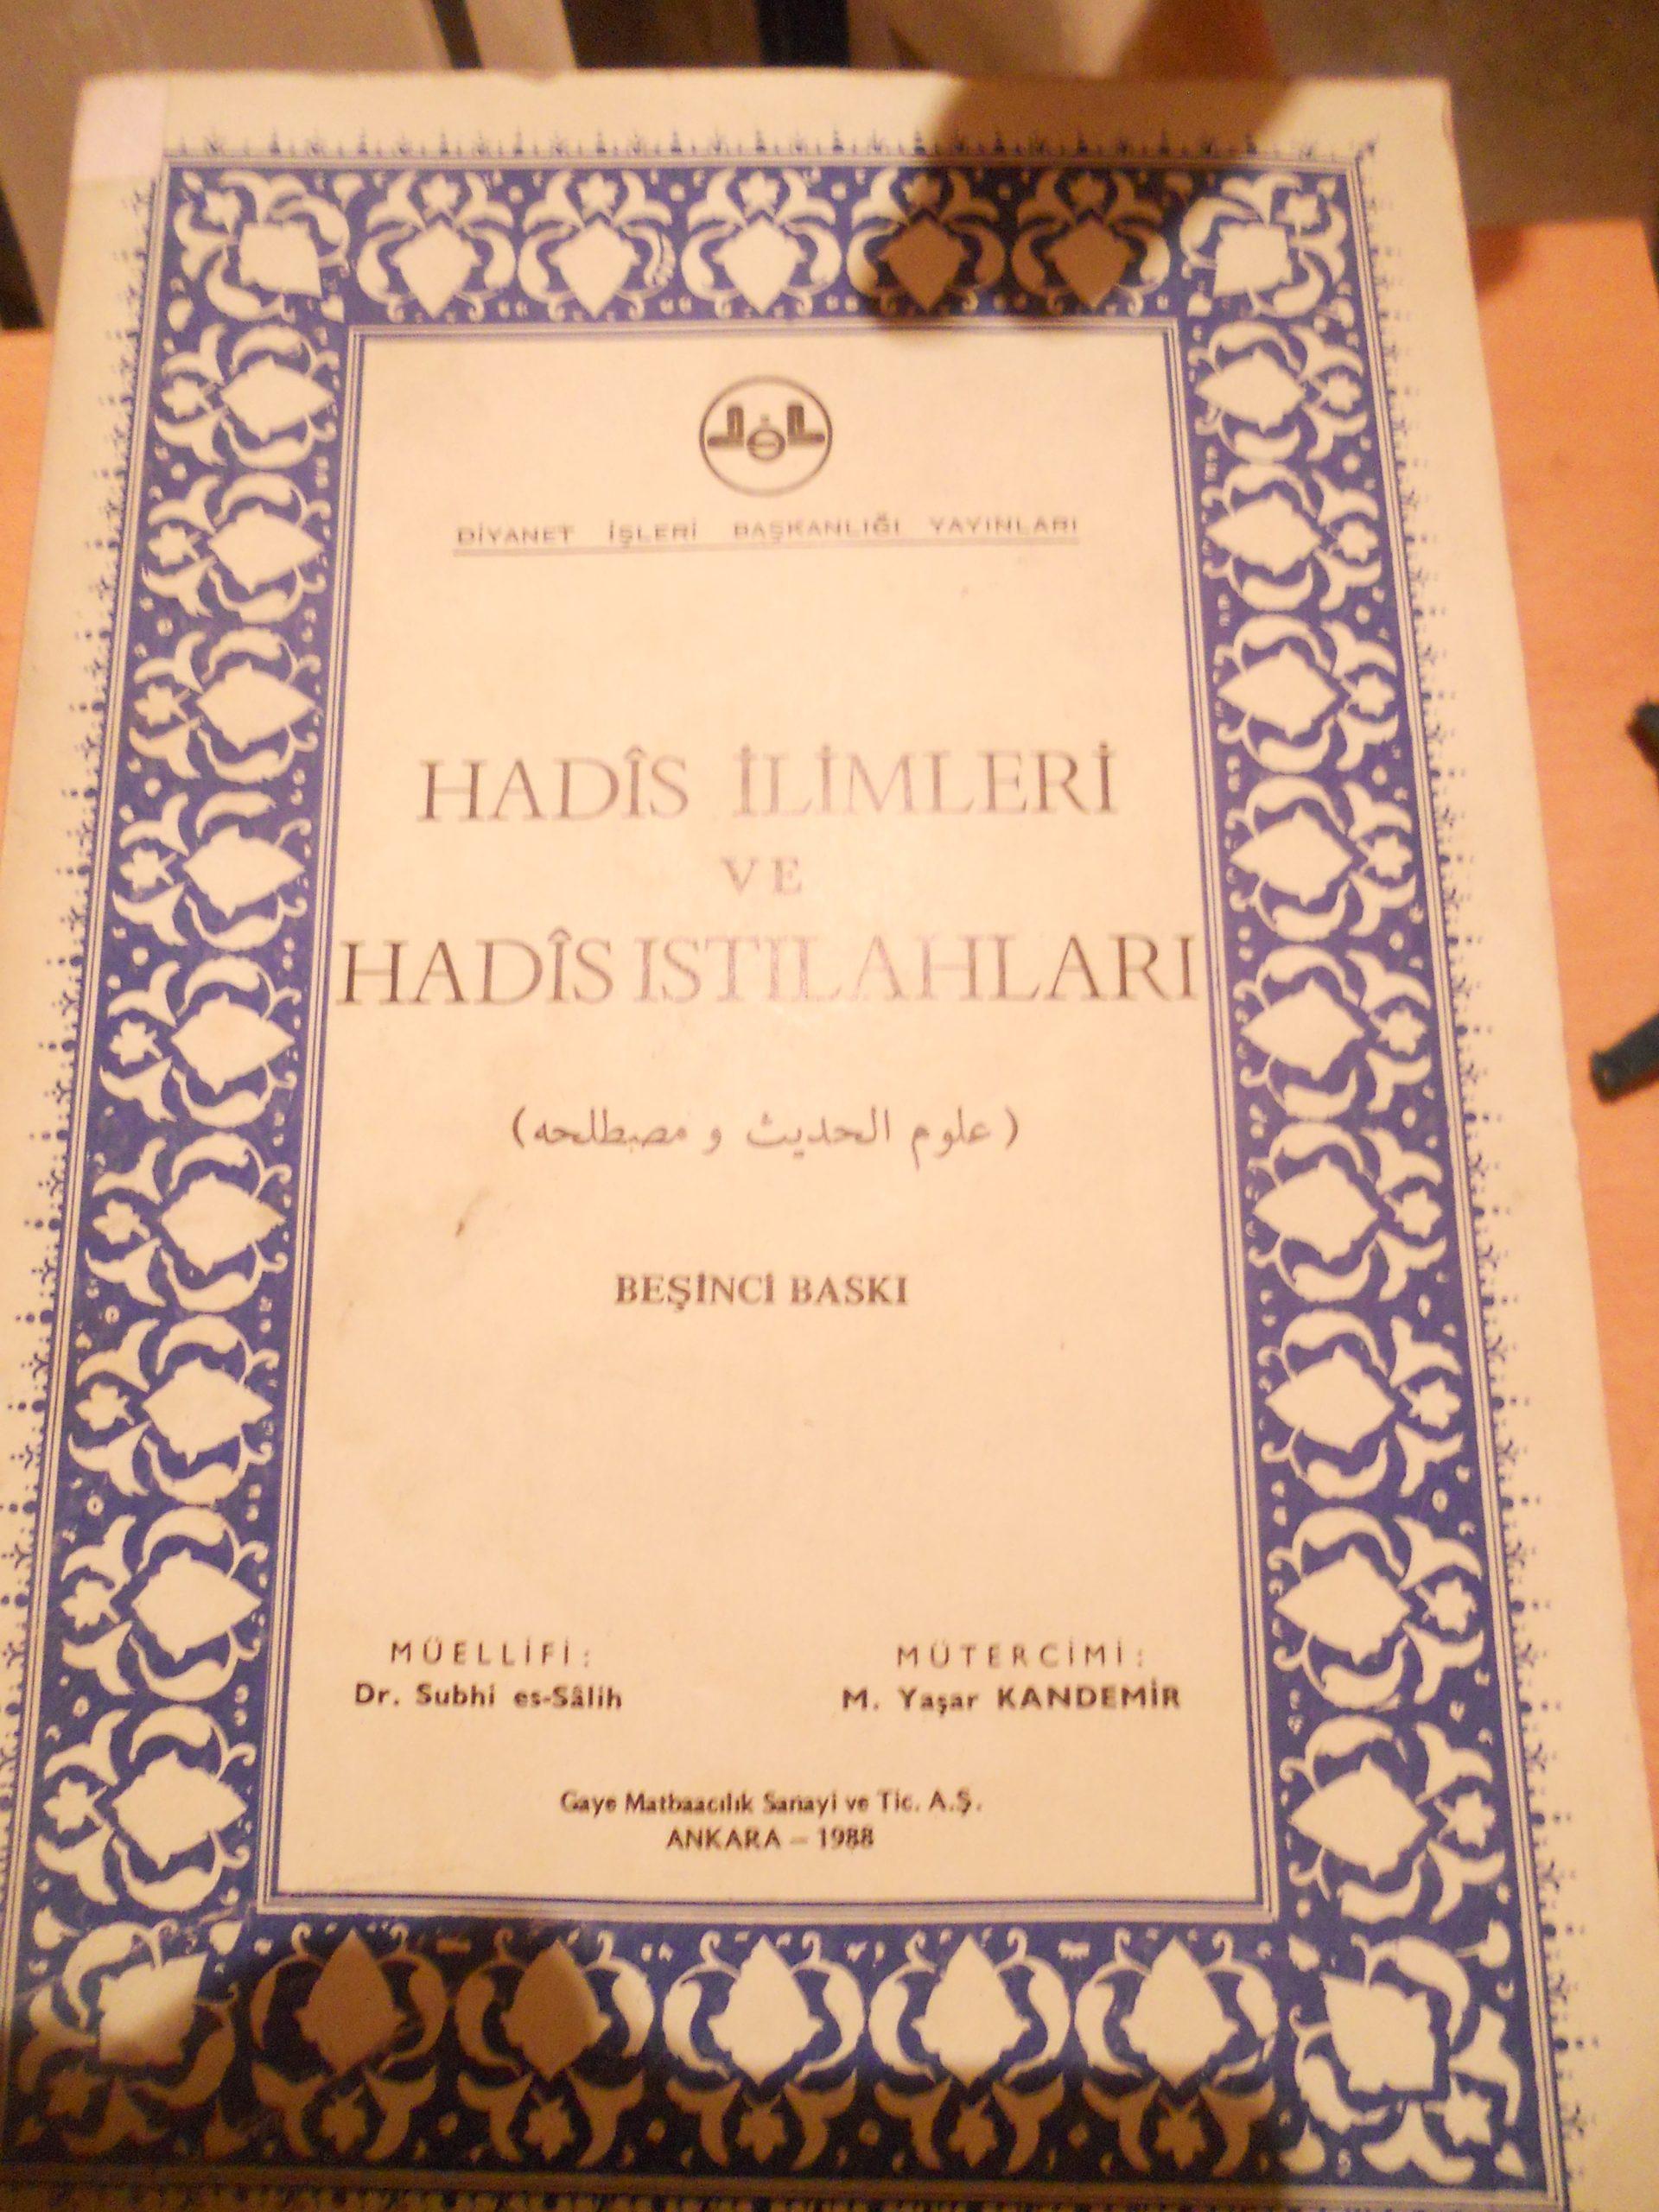 HADİS İLİMLERİ VE HADİS ISTILAHLARI/Subhi es Salih/ 20 tl